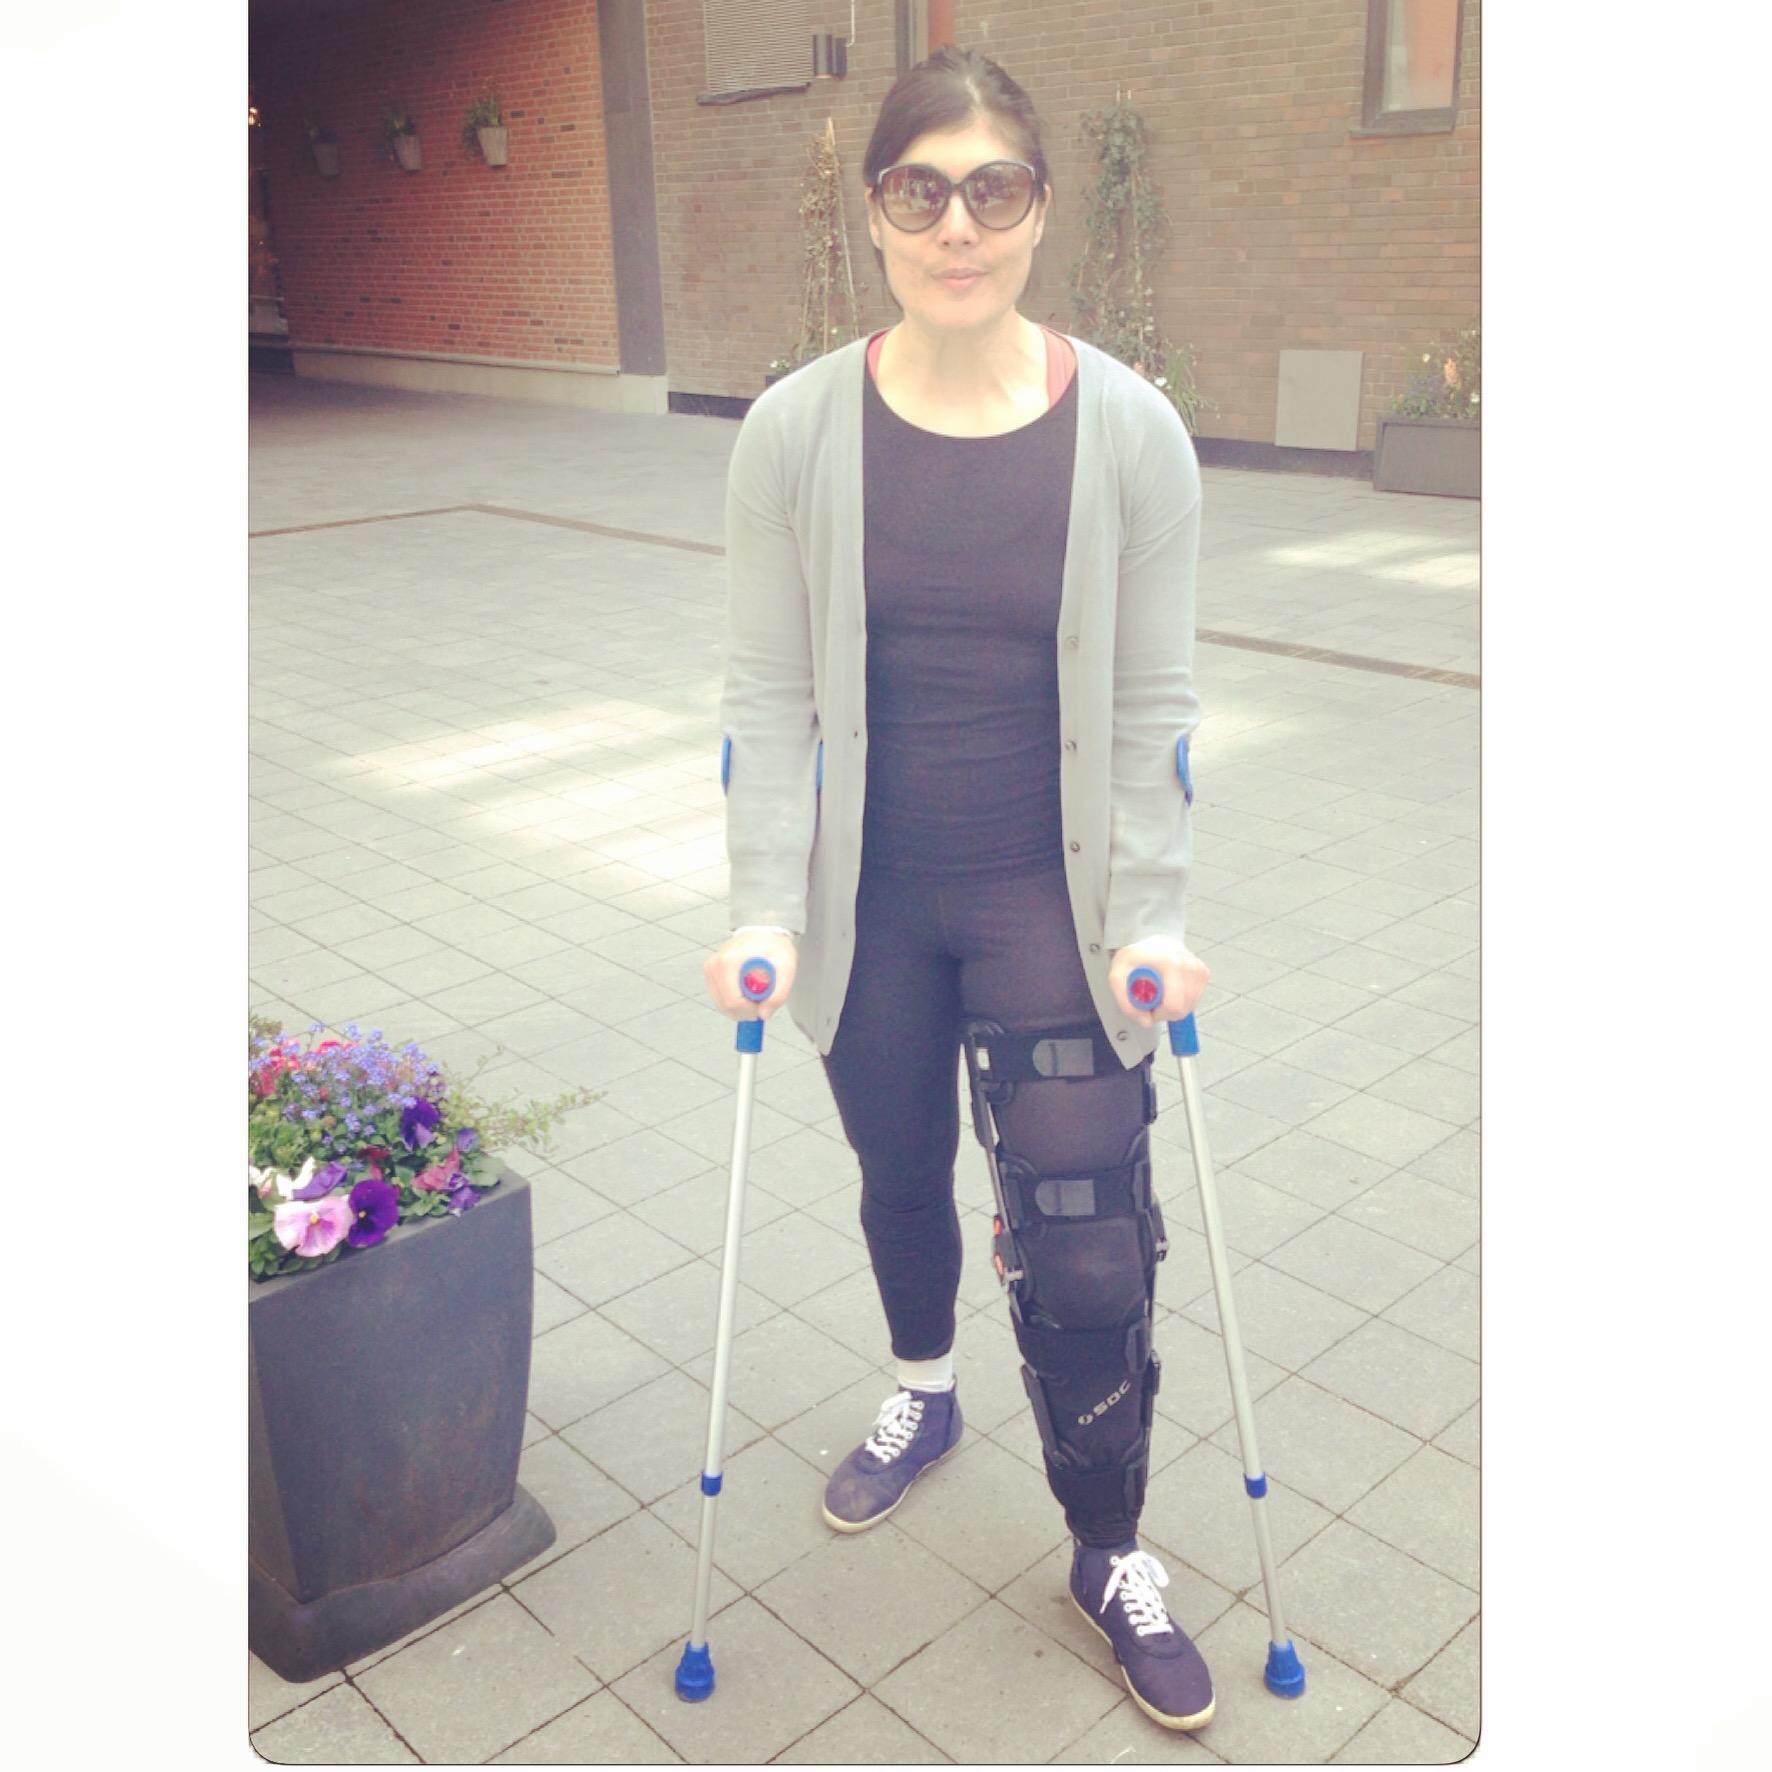 träning efter knäoperation